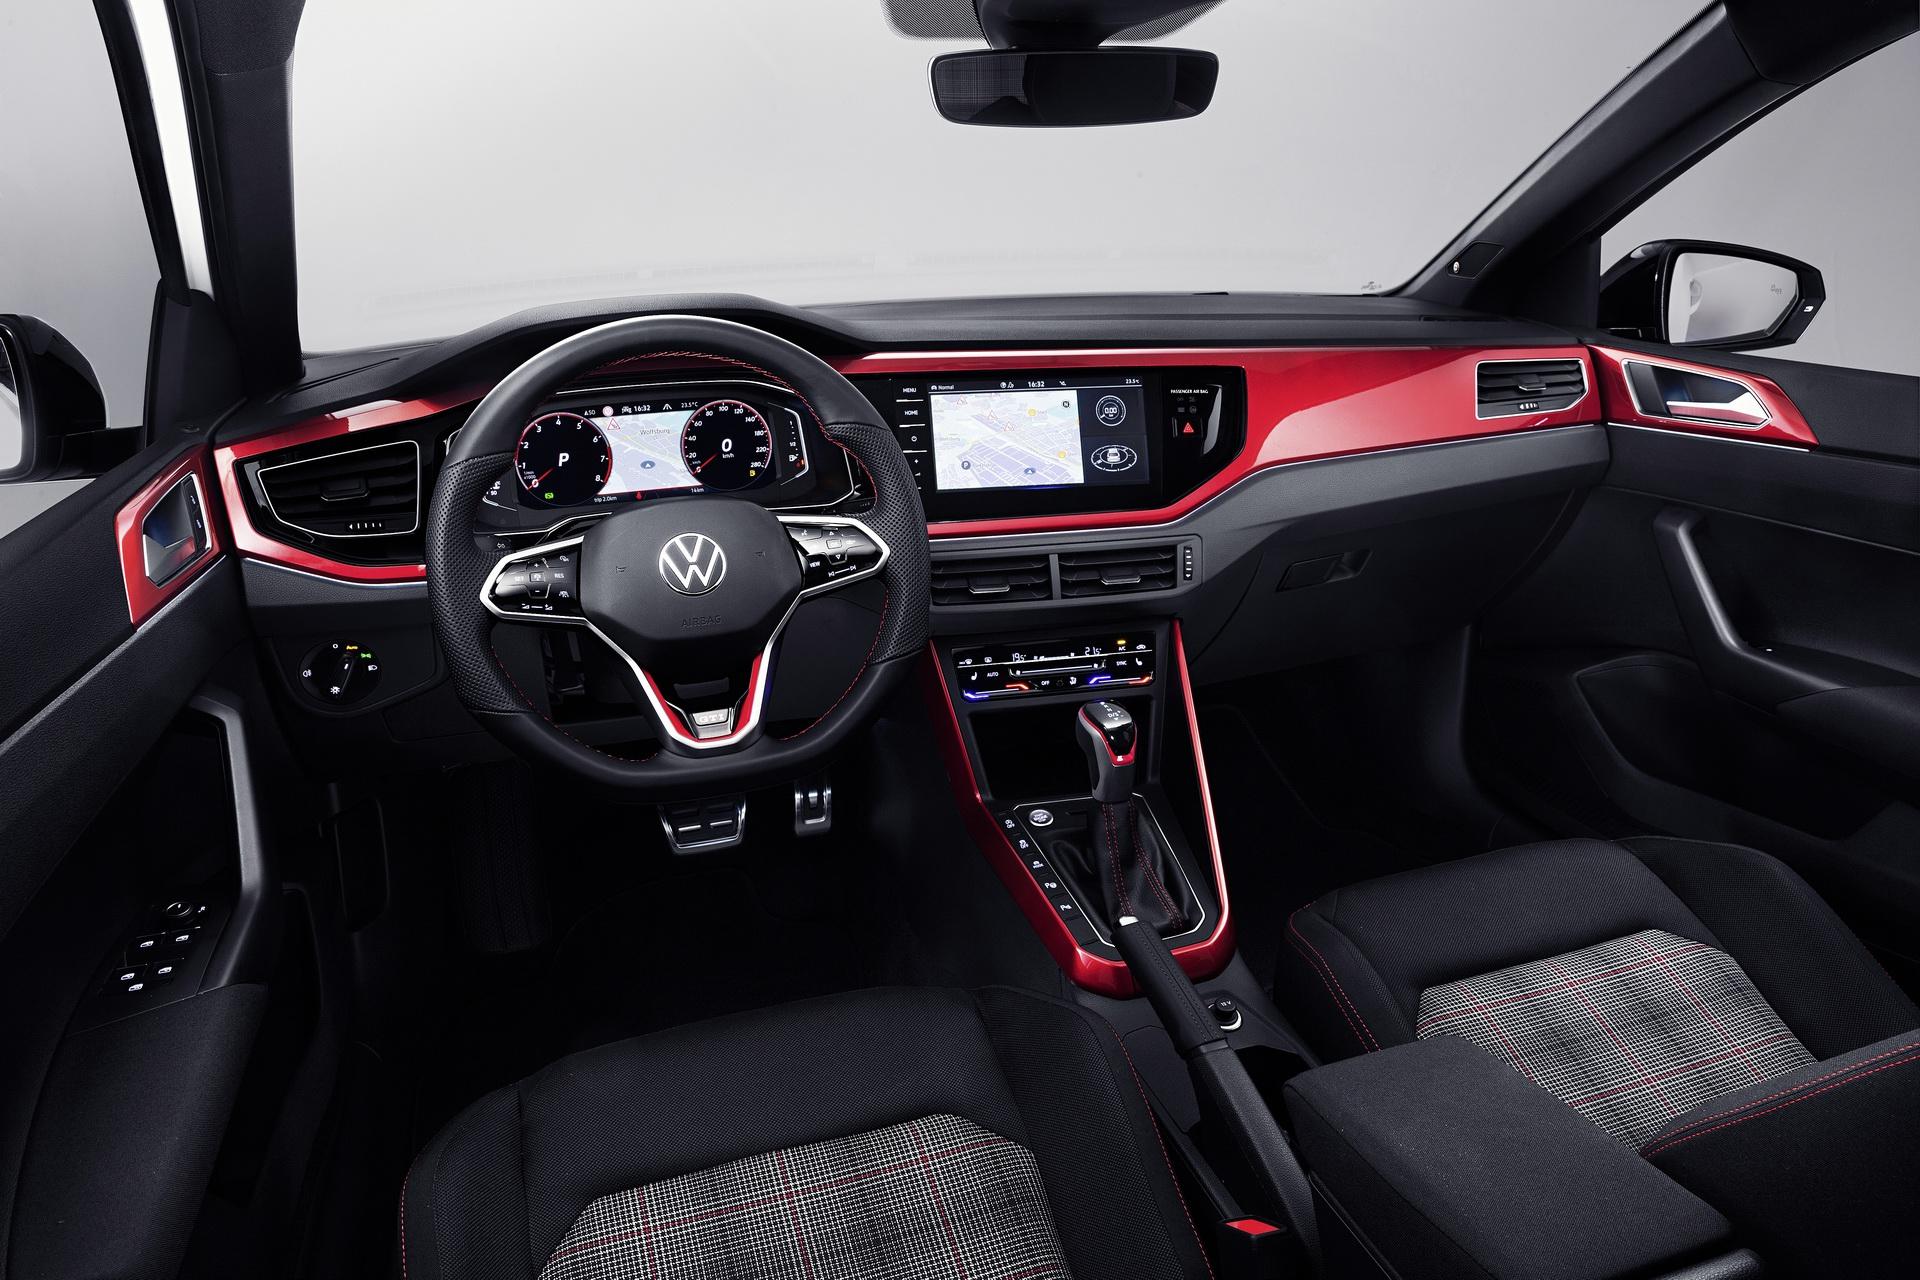 大众新款Polo GTI官图曝光 对标嘉年华ST/搭2.0T